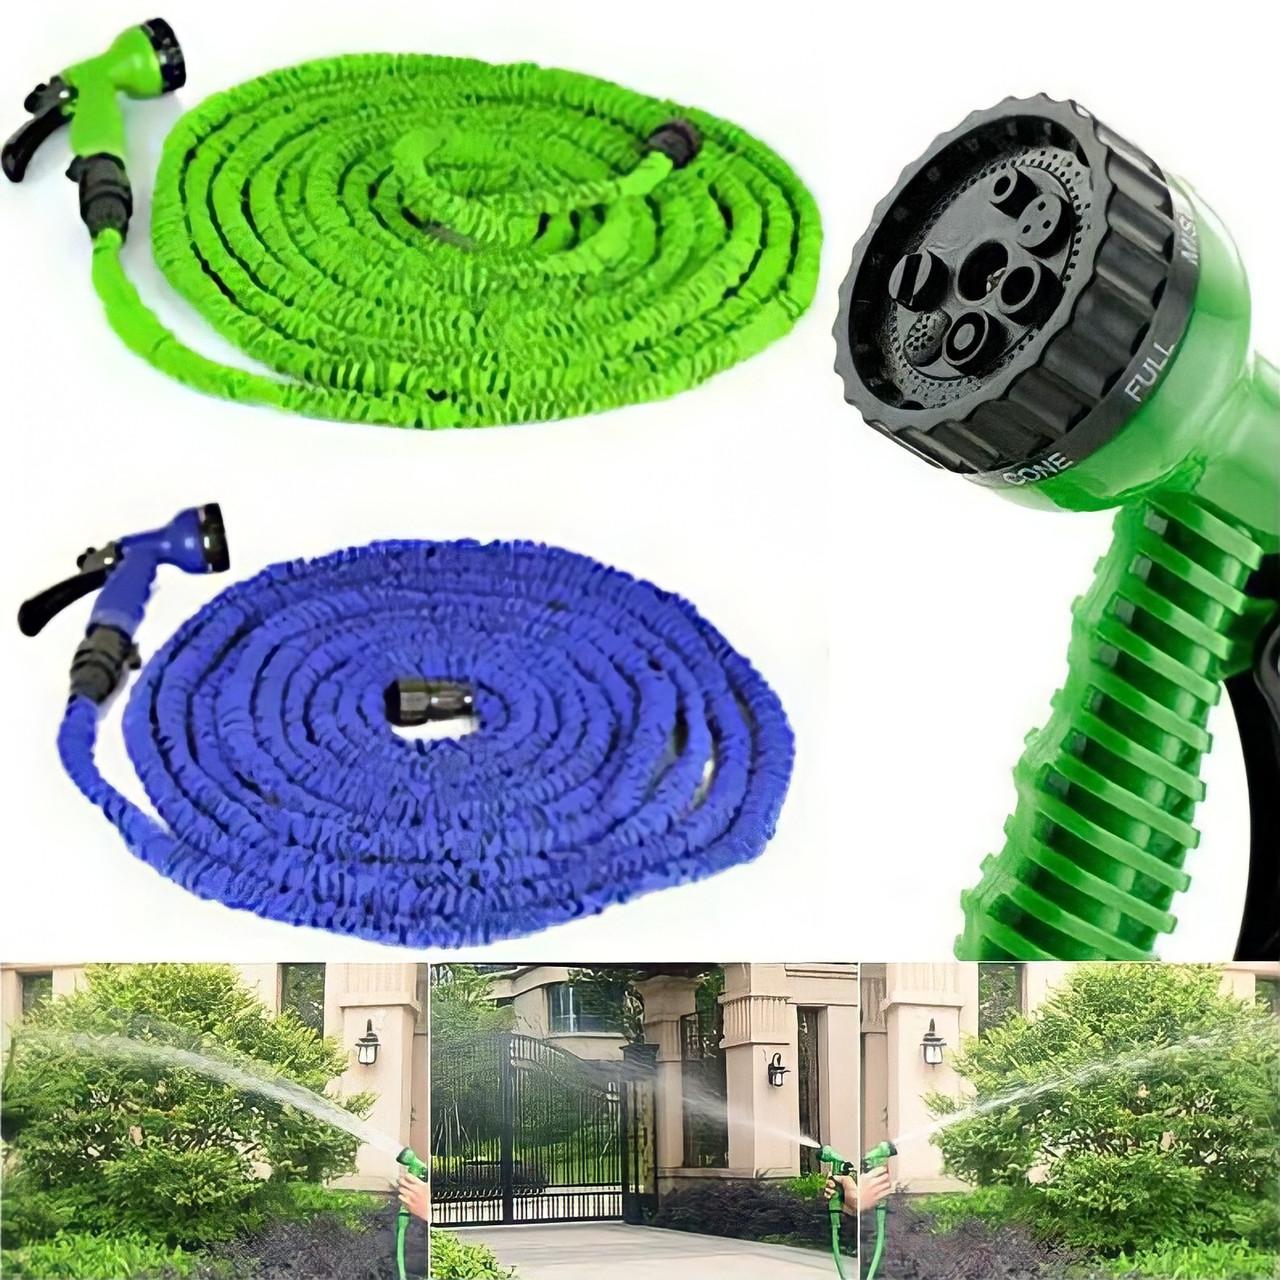 Шланг поливочный X-hose для сада 60 м | xhose шланг для полива  с насадкой распылителем 7 режимов